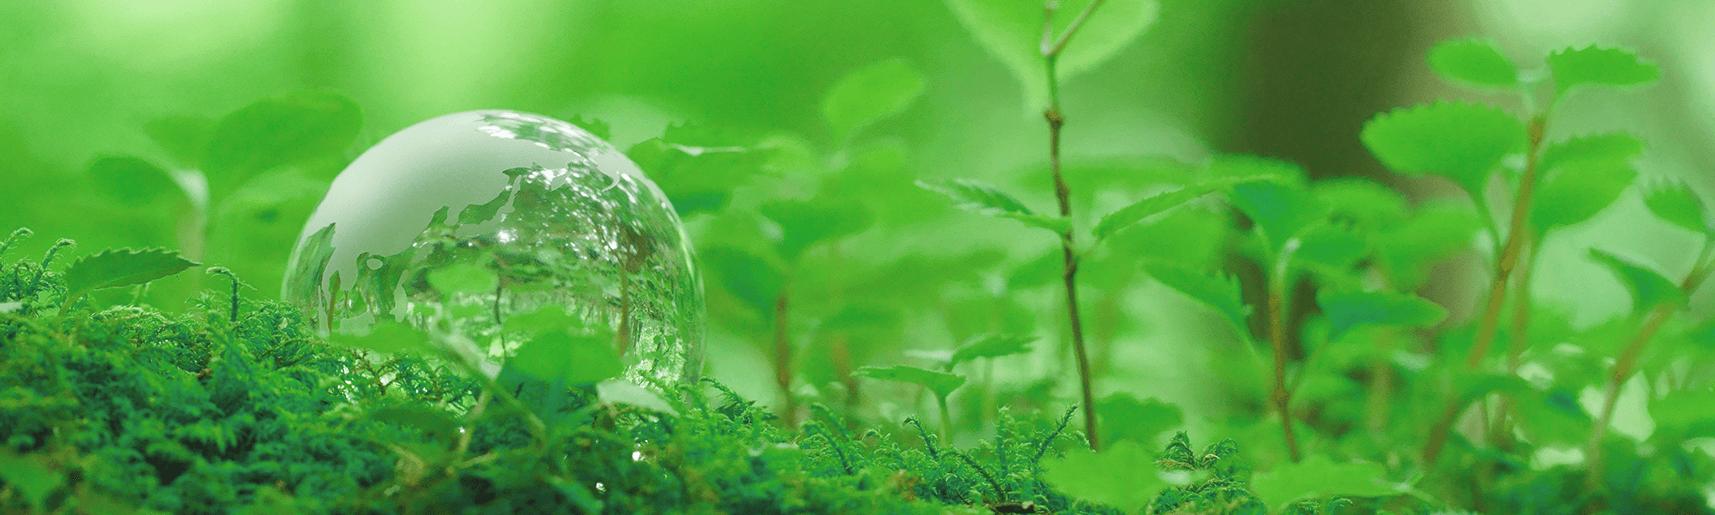 販促ツールのDX化による廃棄資源の削減